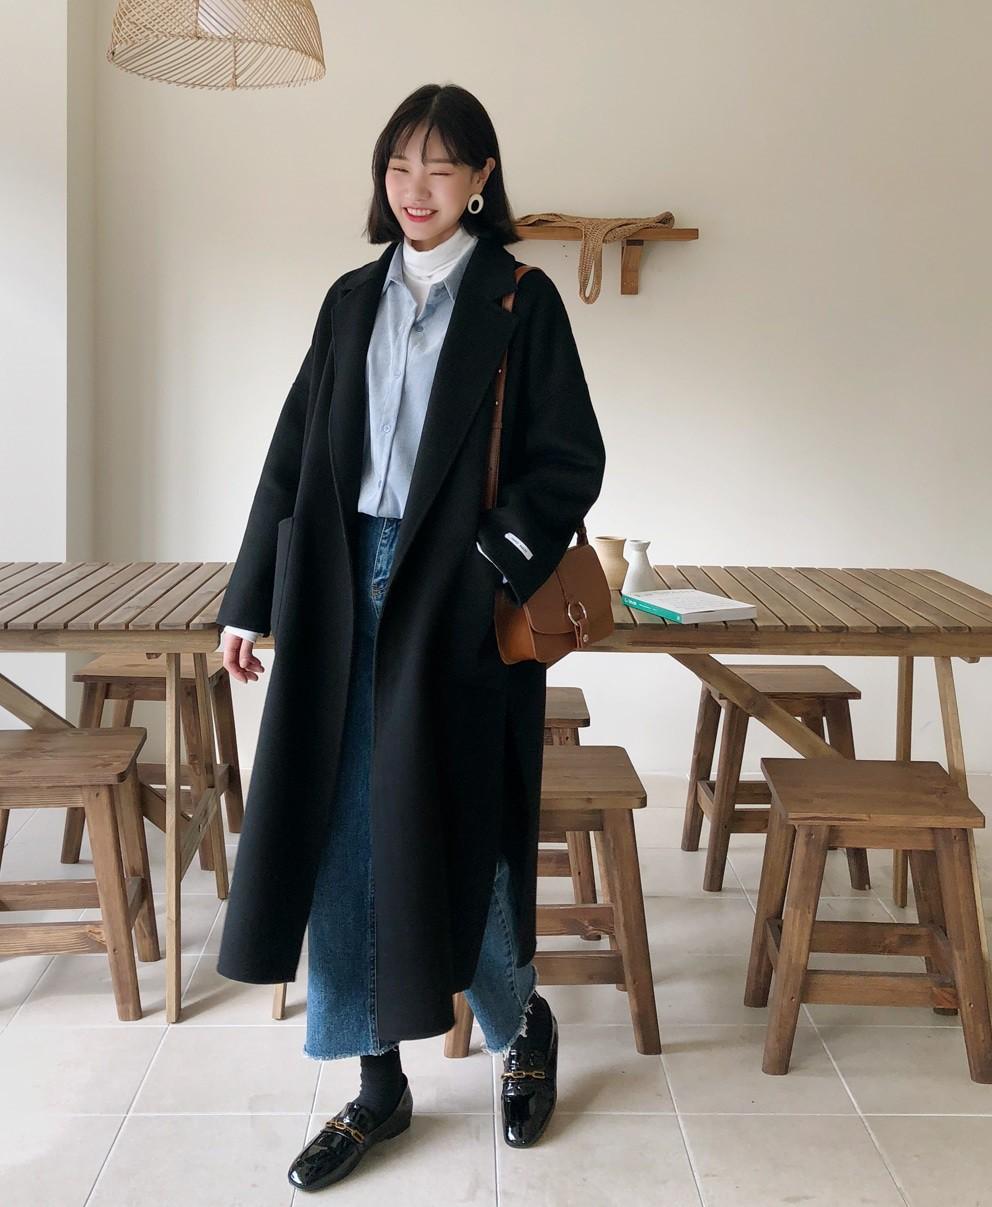 Bộ đôi áo khoác dài + quần ống rộng chẳng những không kén dáng mà còn biến mọi nàng thành quý cô sành điệu - Ảnh 5